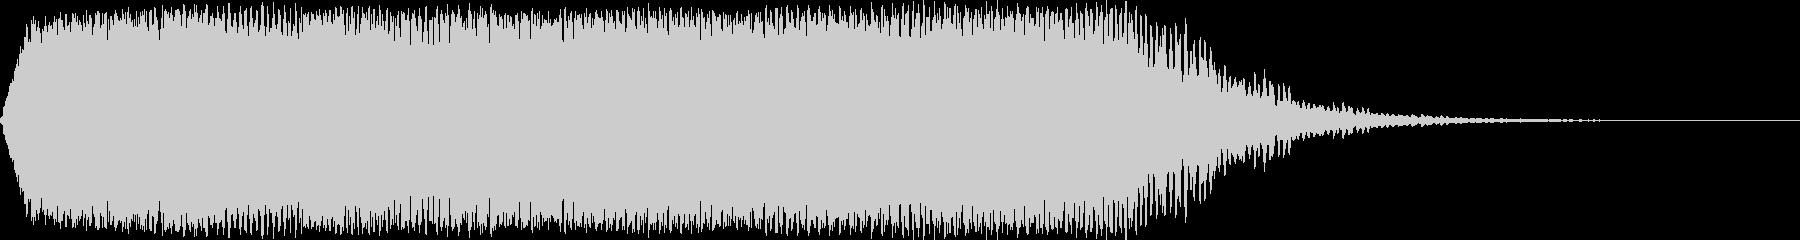 【ゲーム・アプリ】FX_02 WARPの未再生の波形